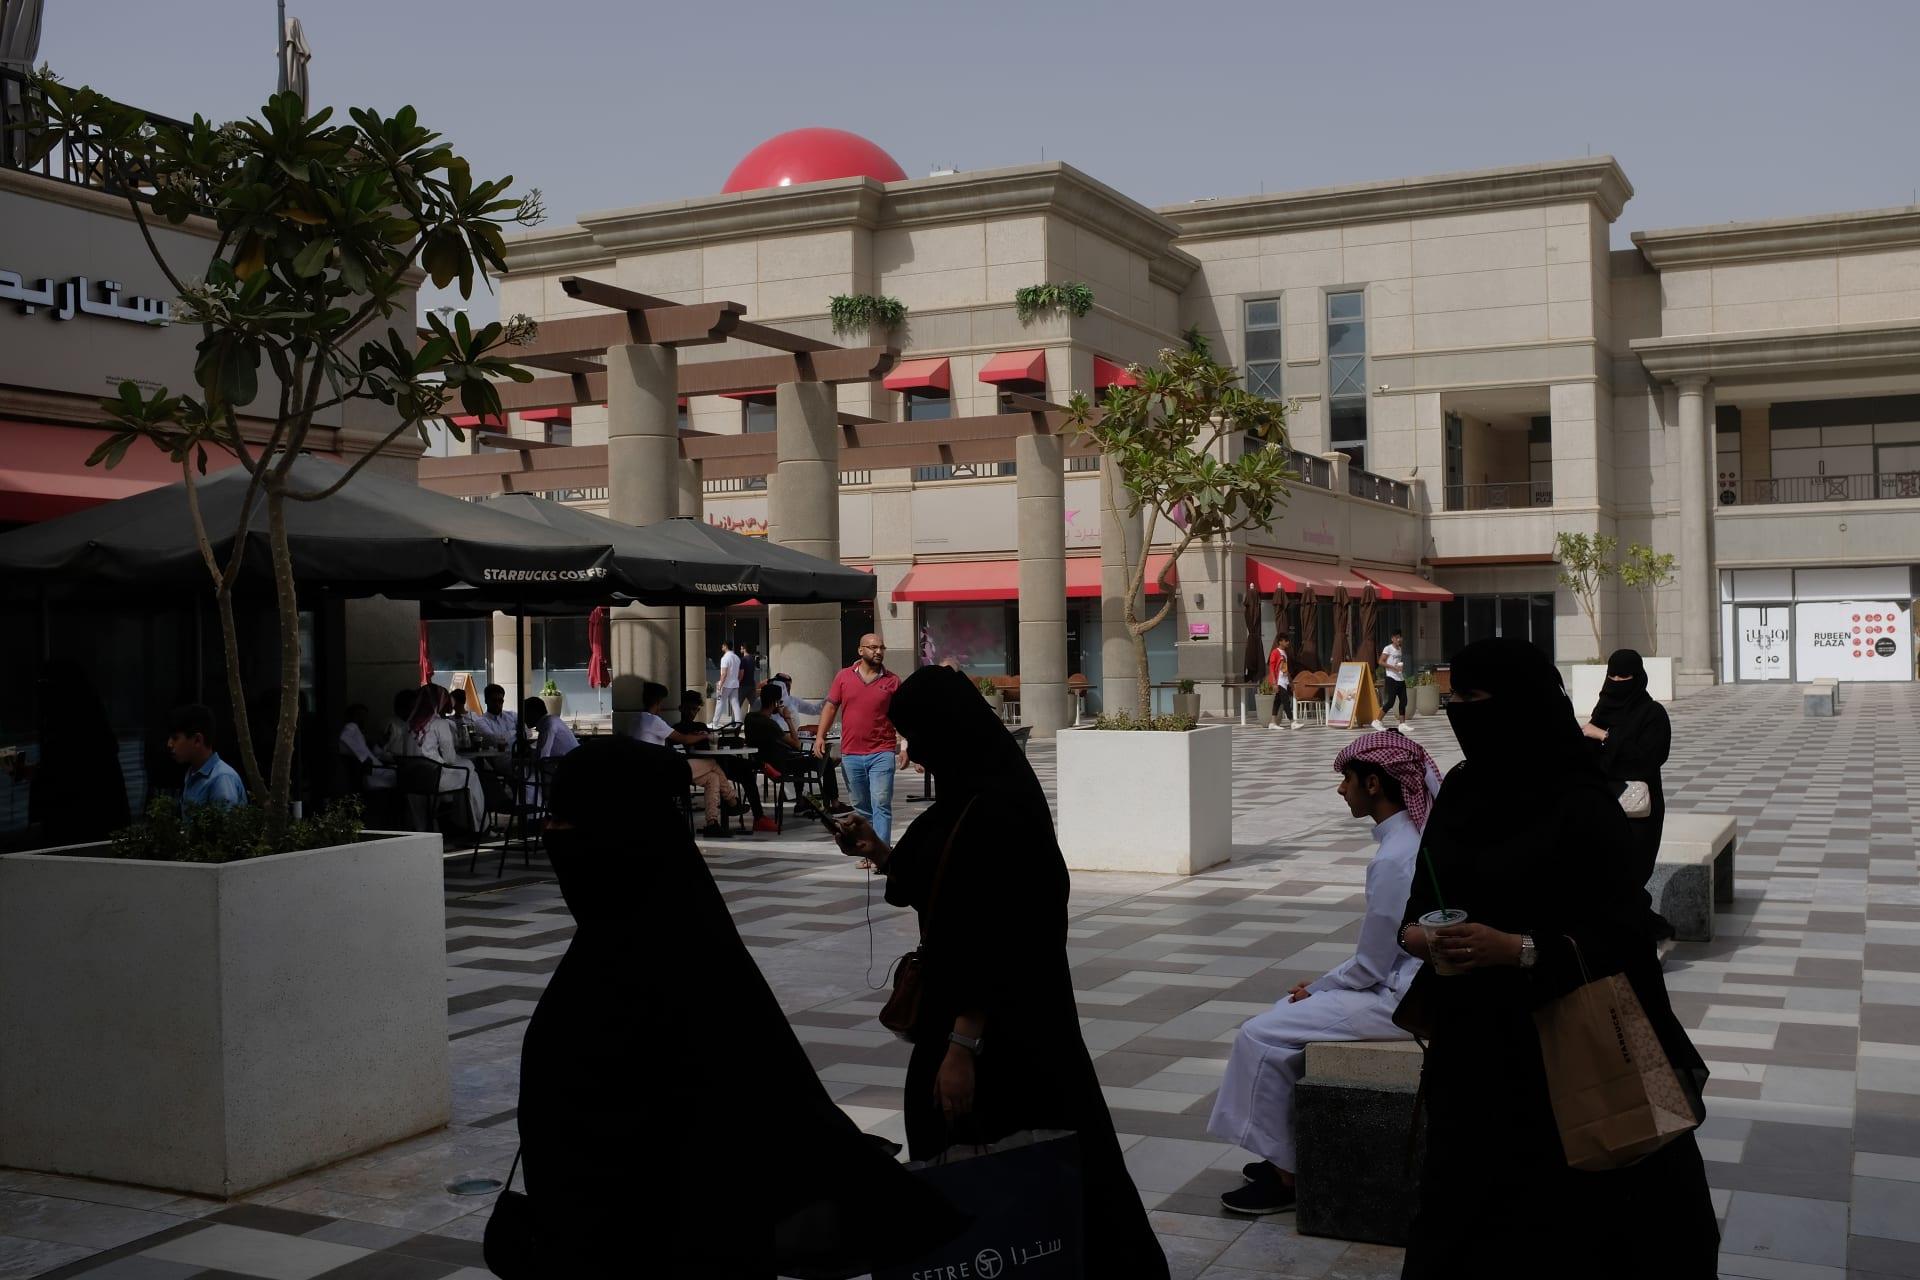 السعودية تلغي تخصيص أبواب منفصلة للرجال والنساء في المطاعم